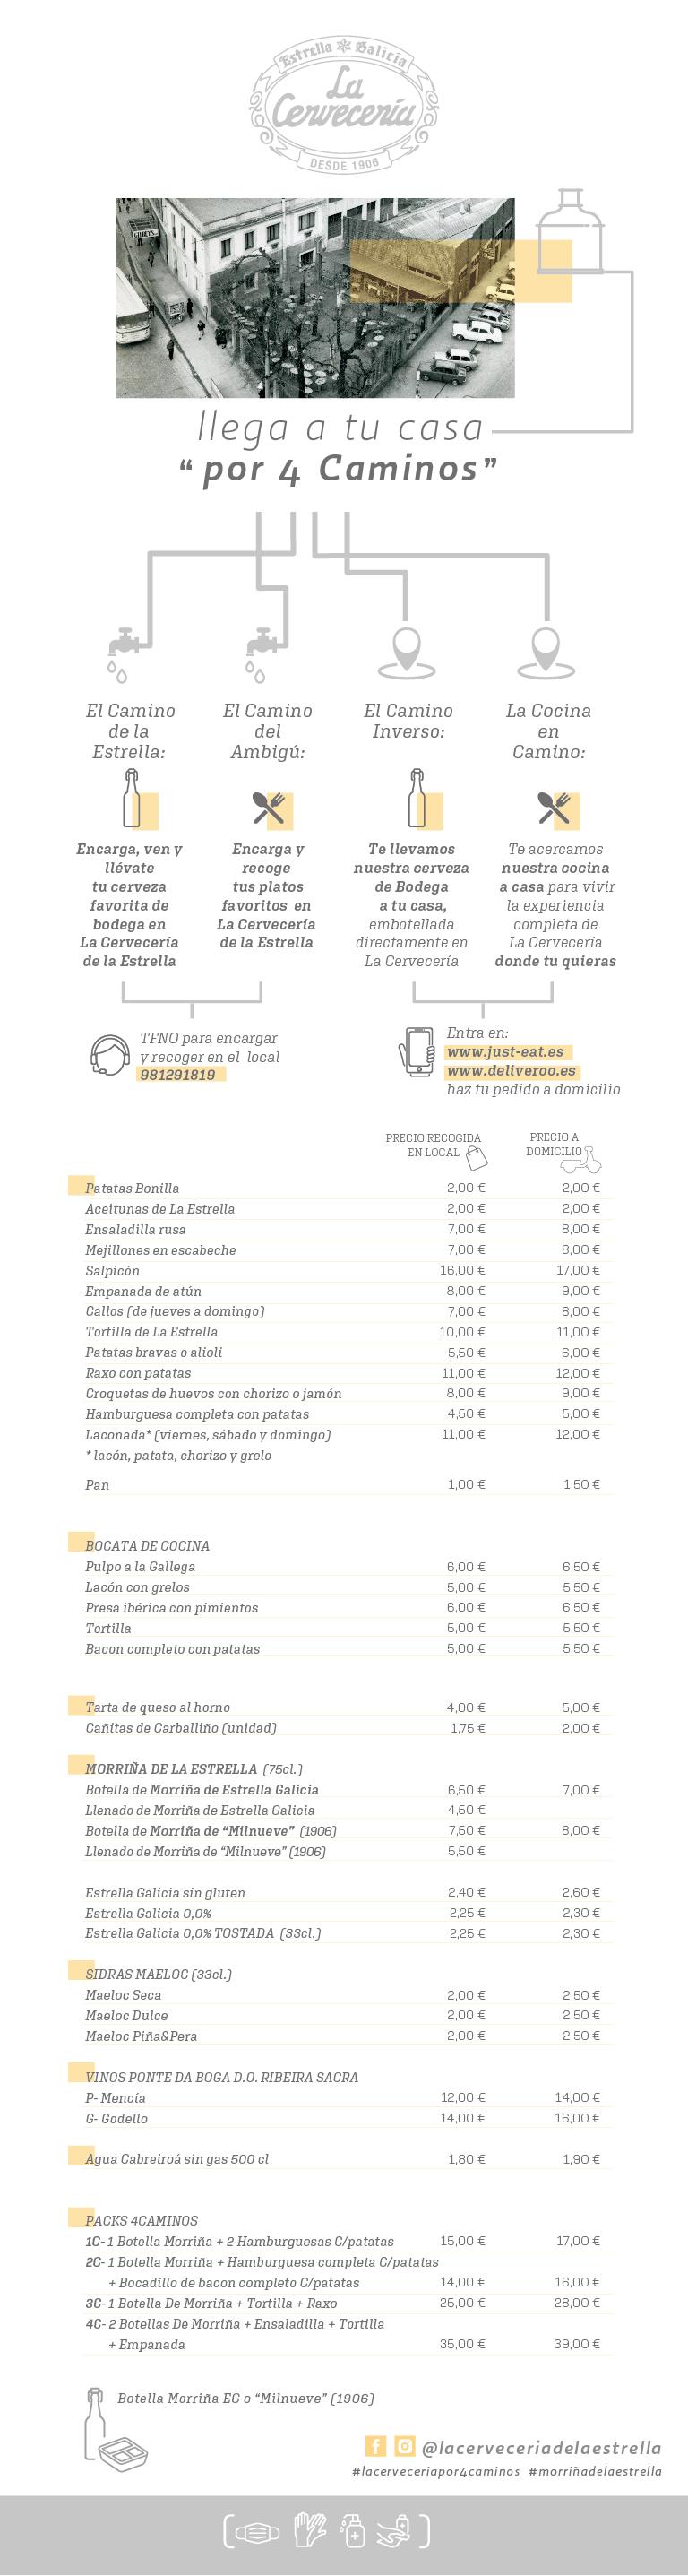 Carta TakeAway de La Cervecería de Estrella Galicia